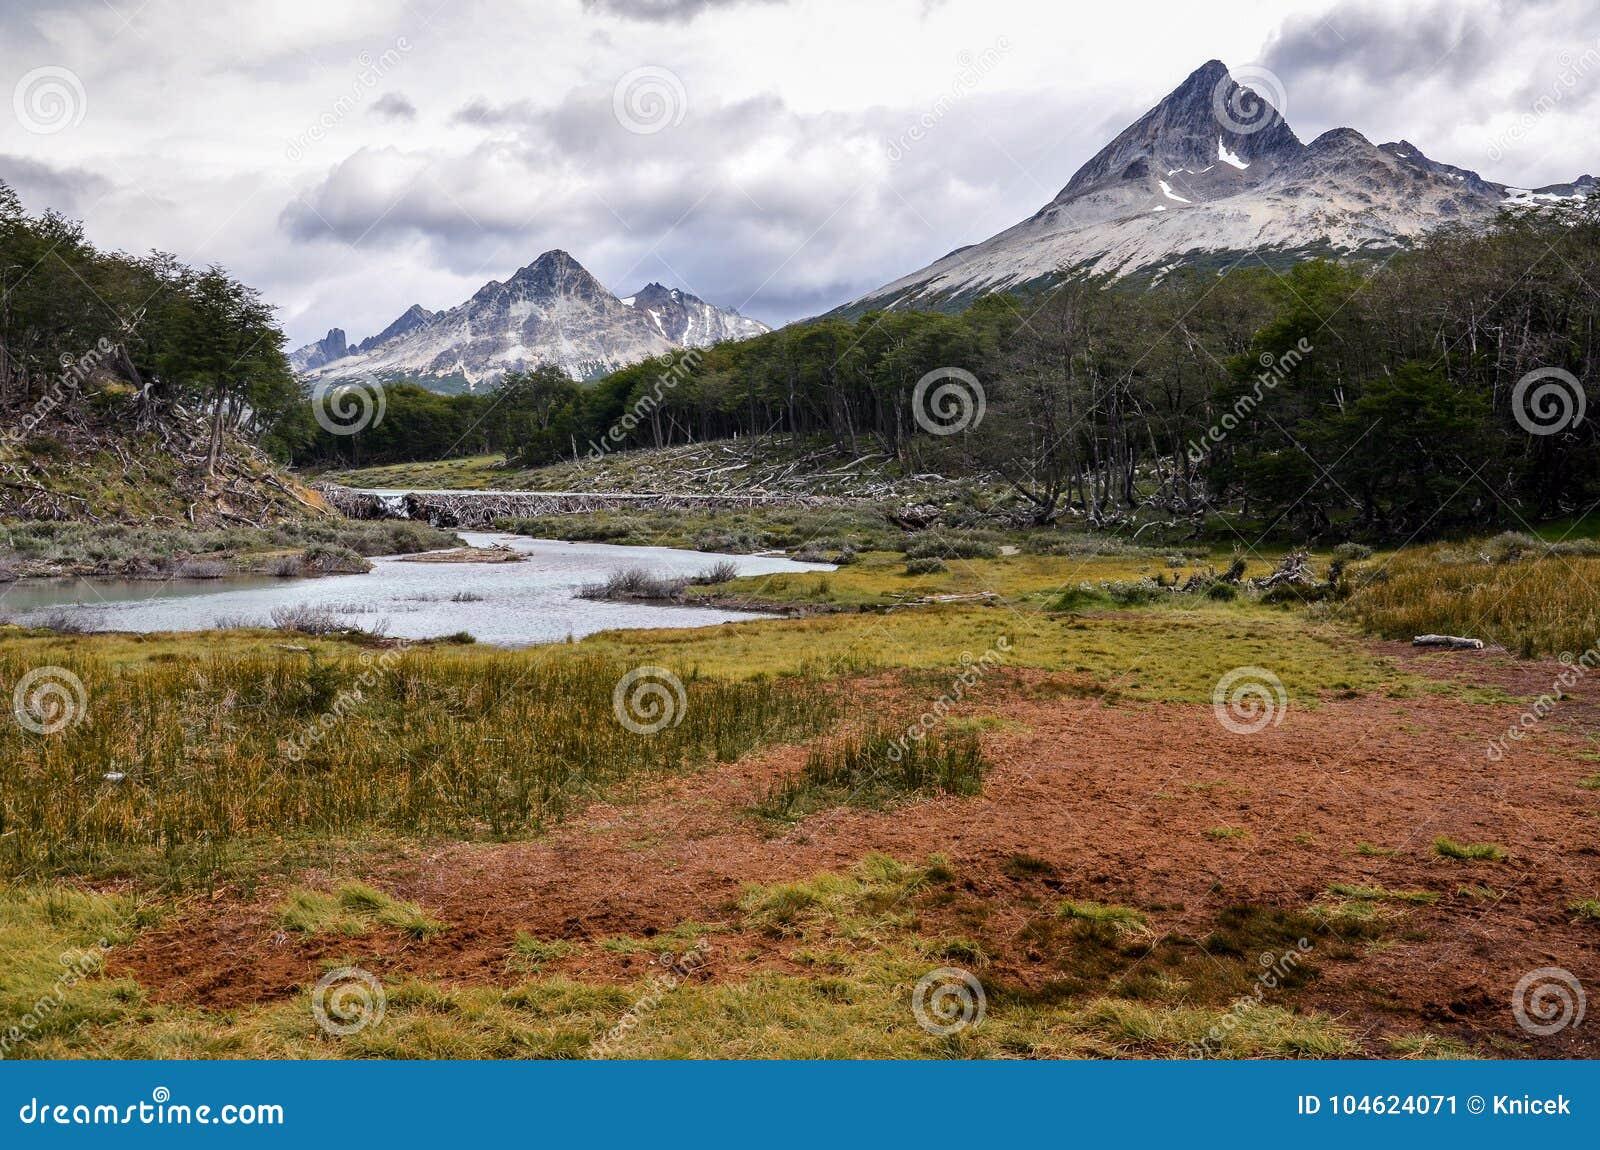 Peat bog in Tierra del Fuego park near Ushuaia, Paragonia, Argentina